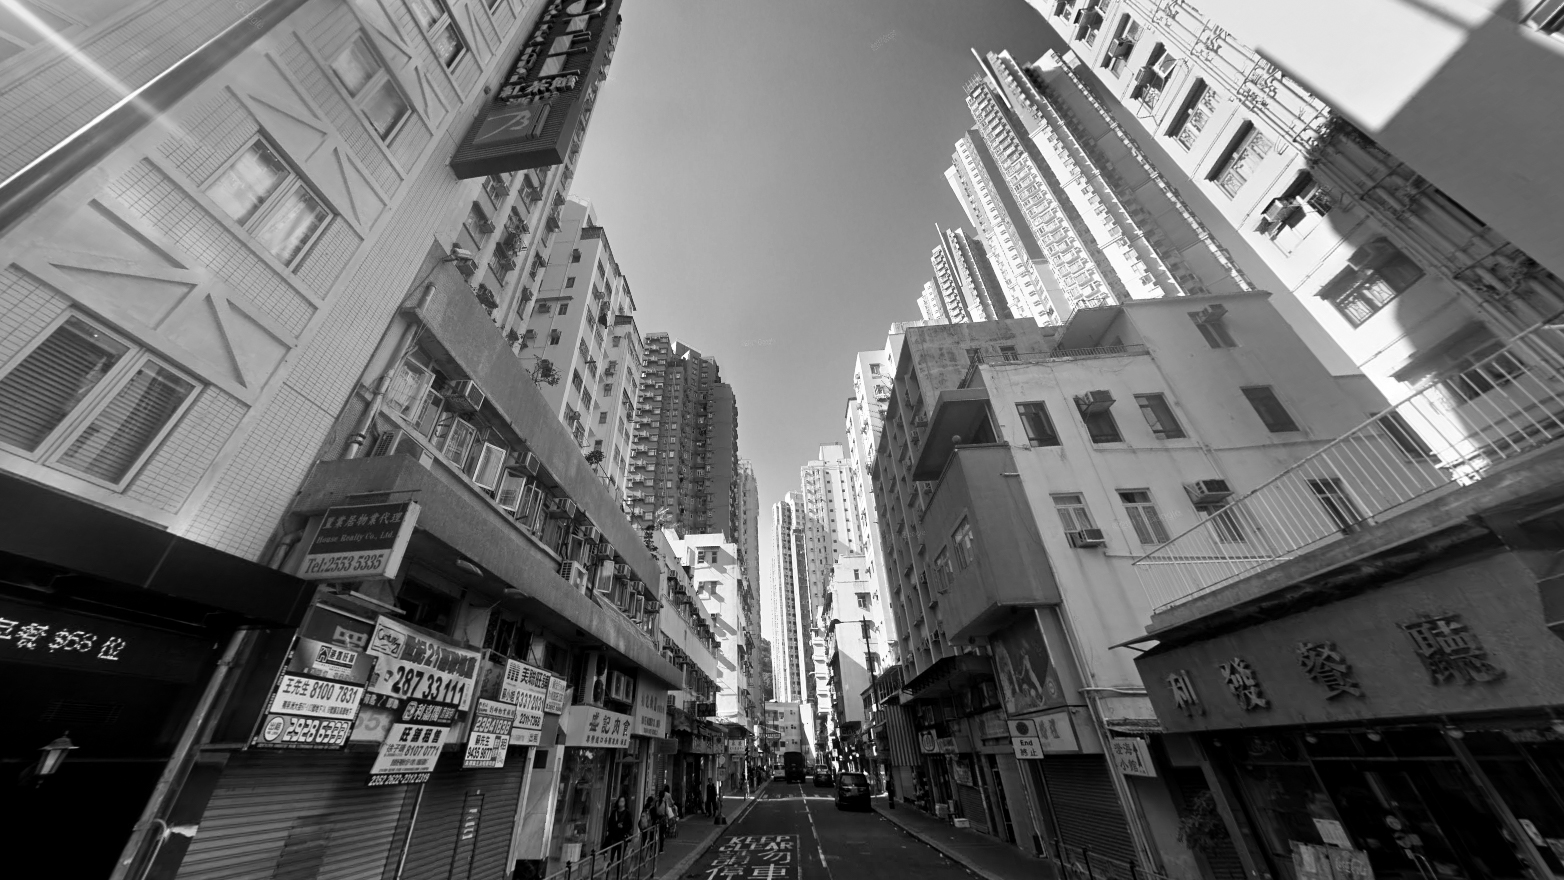 鴨脷洲大街